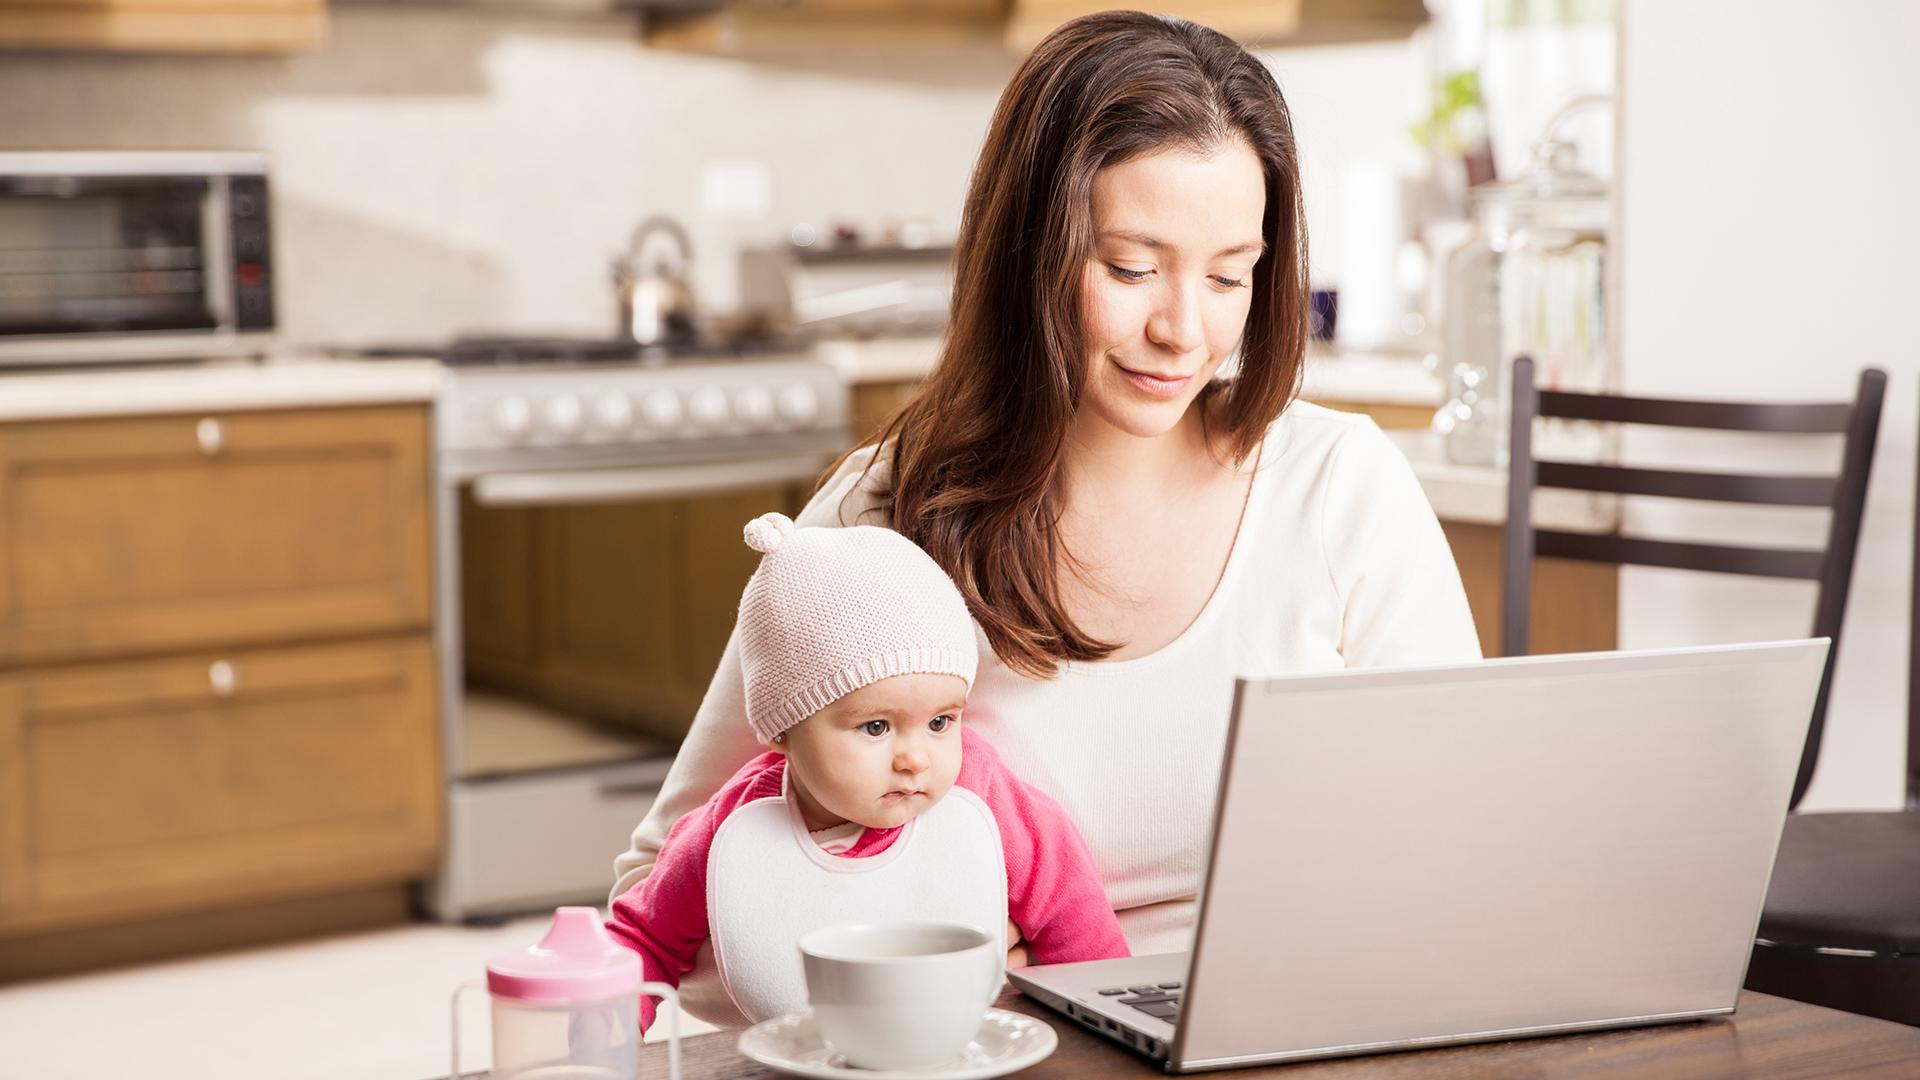 Скучно сидеть дома с маленьким ребенком: что делать и как разнообразить быт?